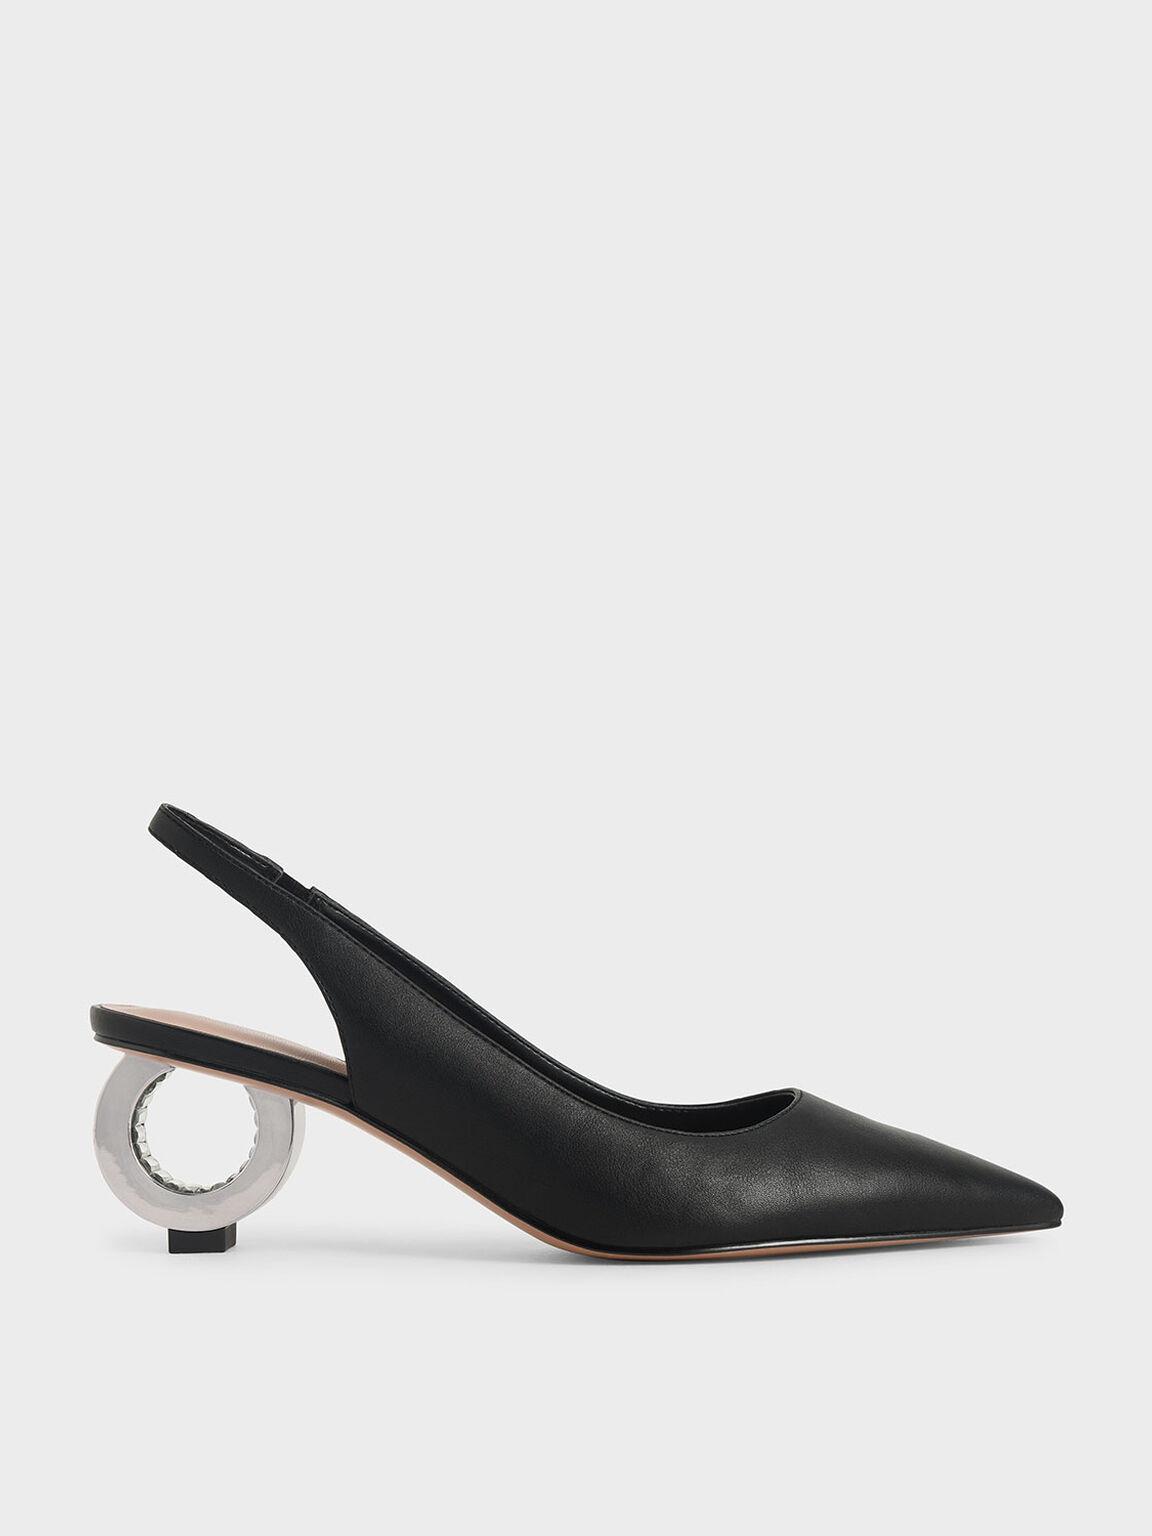 Sculptural Chrome Heel Slingback Pumps, Black, hi-res